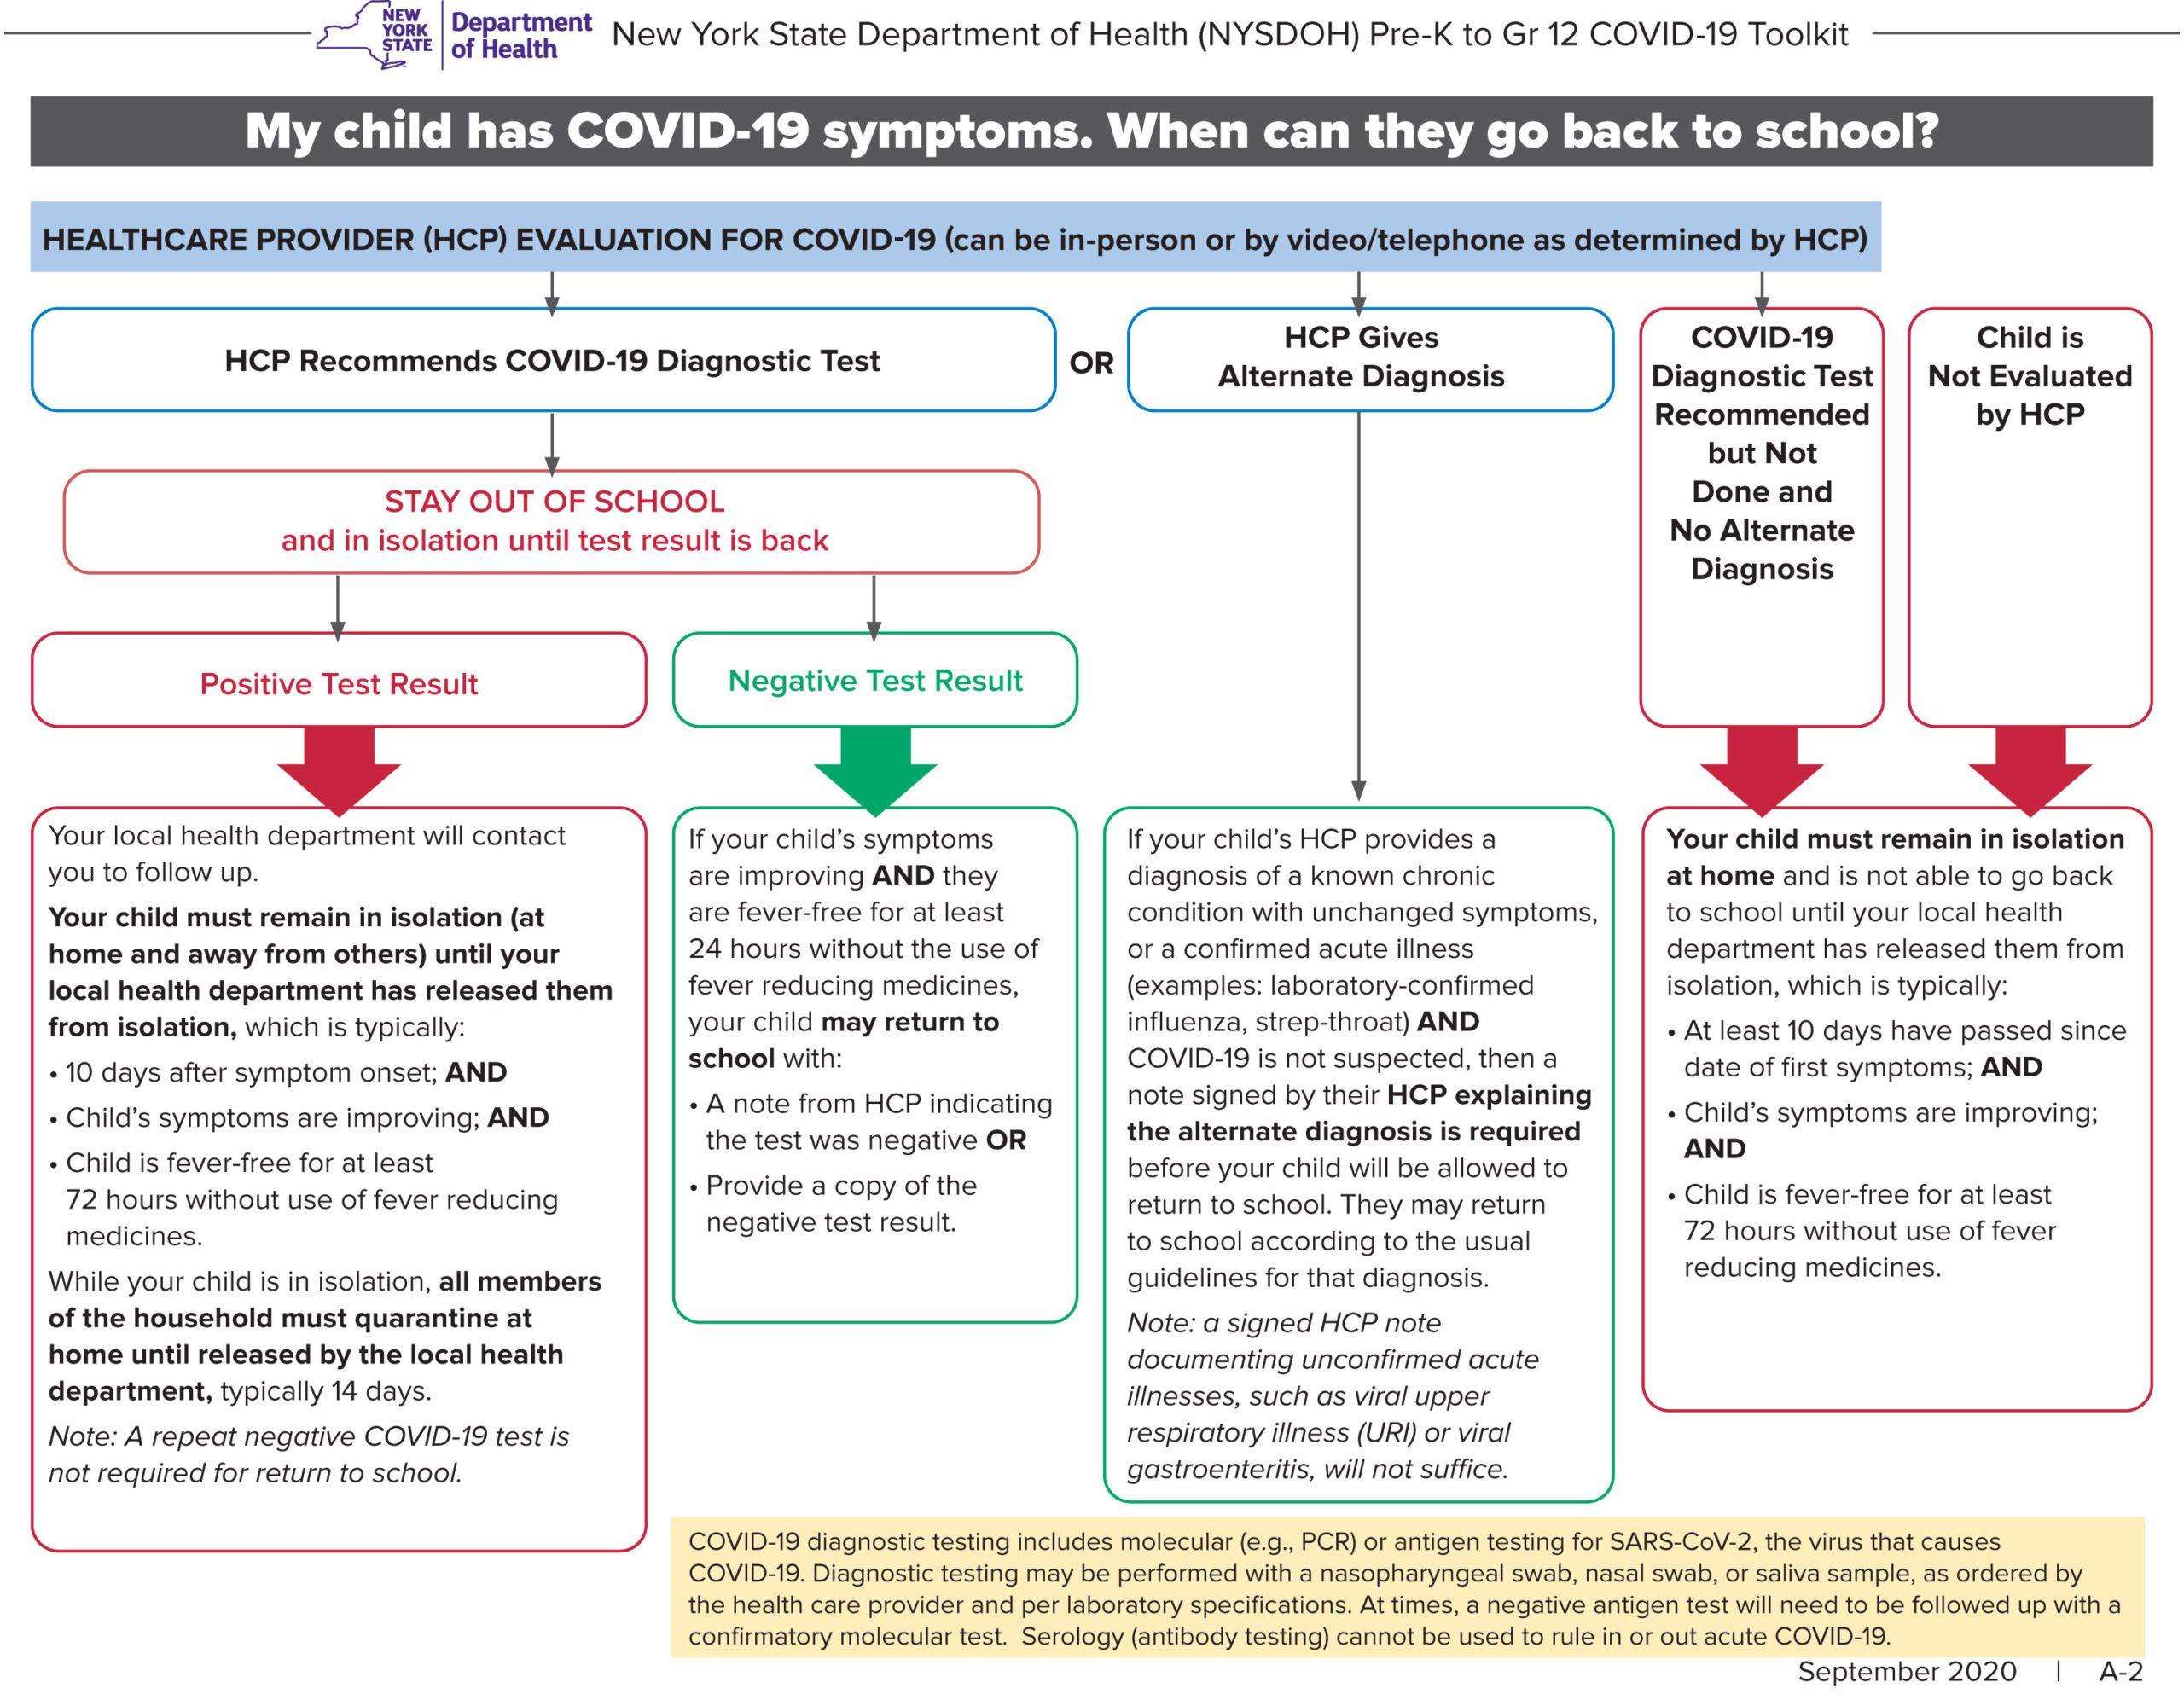 Flowchart for return to school procedures